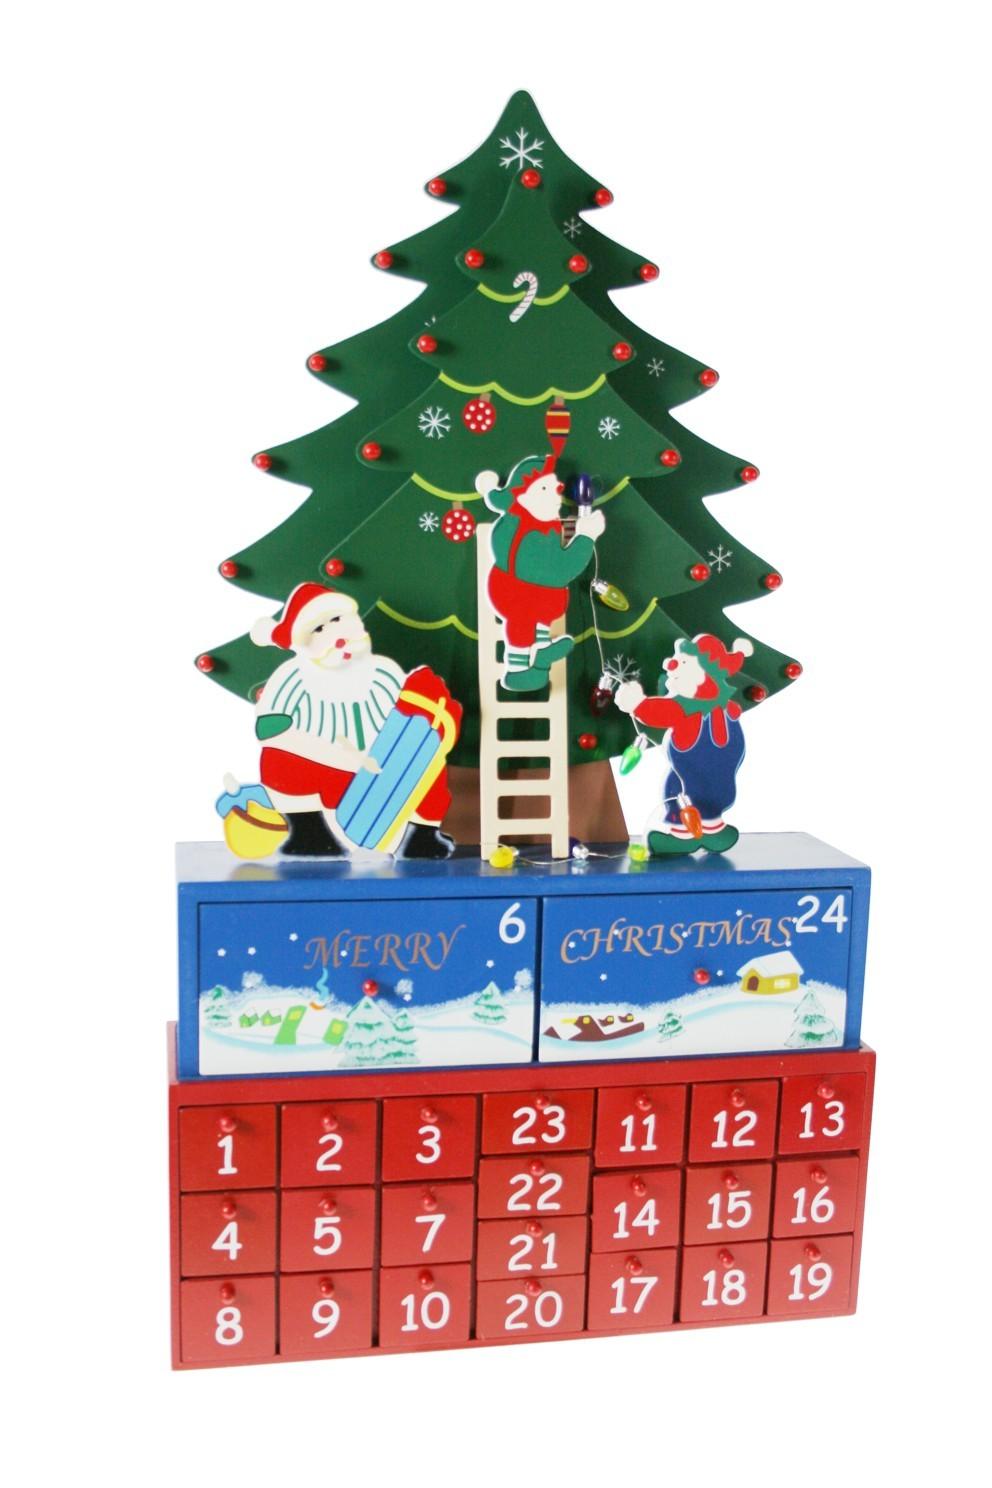 Calendario Adviento Navidad Regalos Cal Fuster Regalos